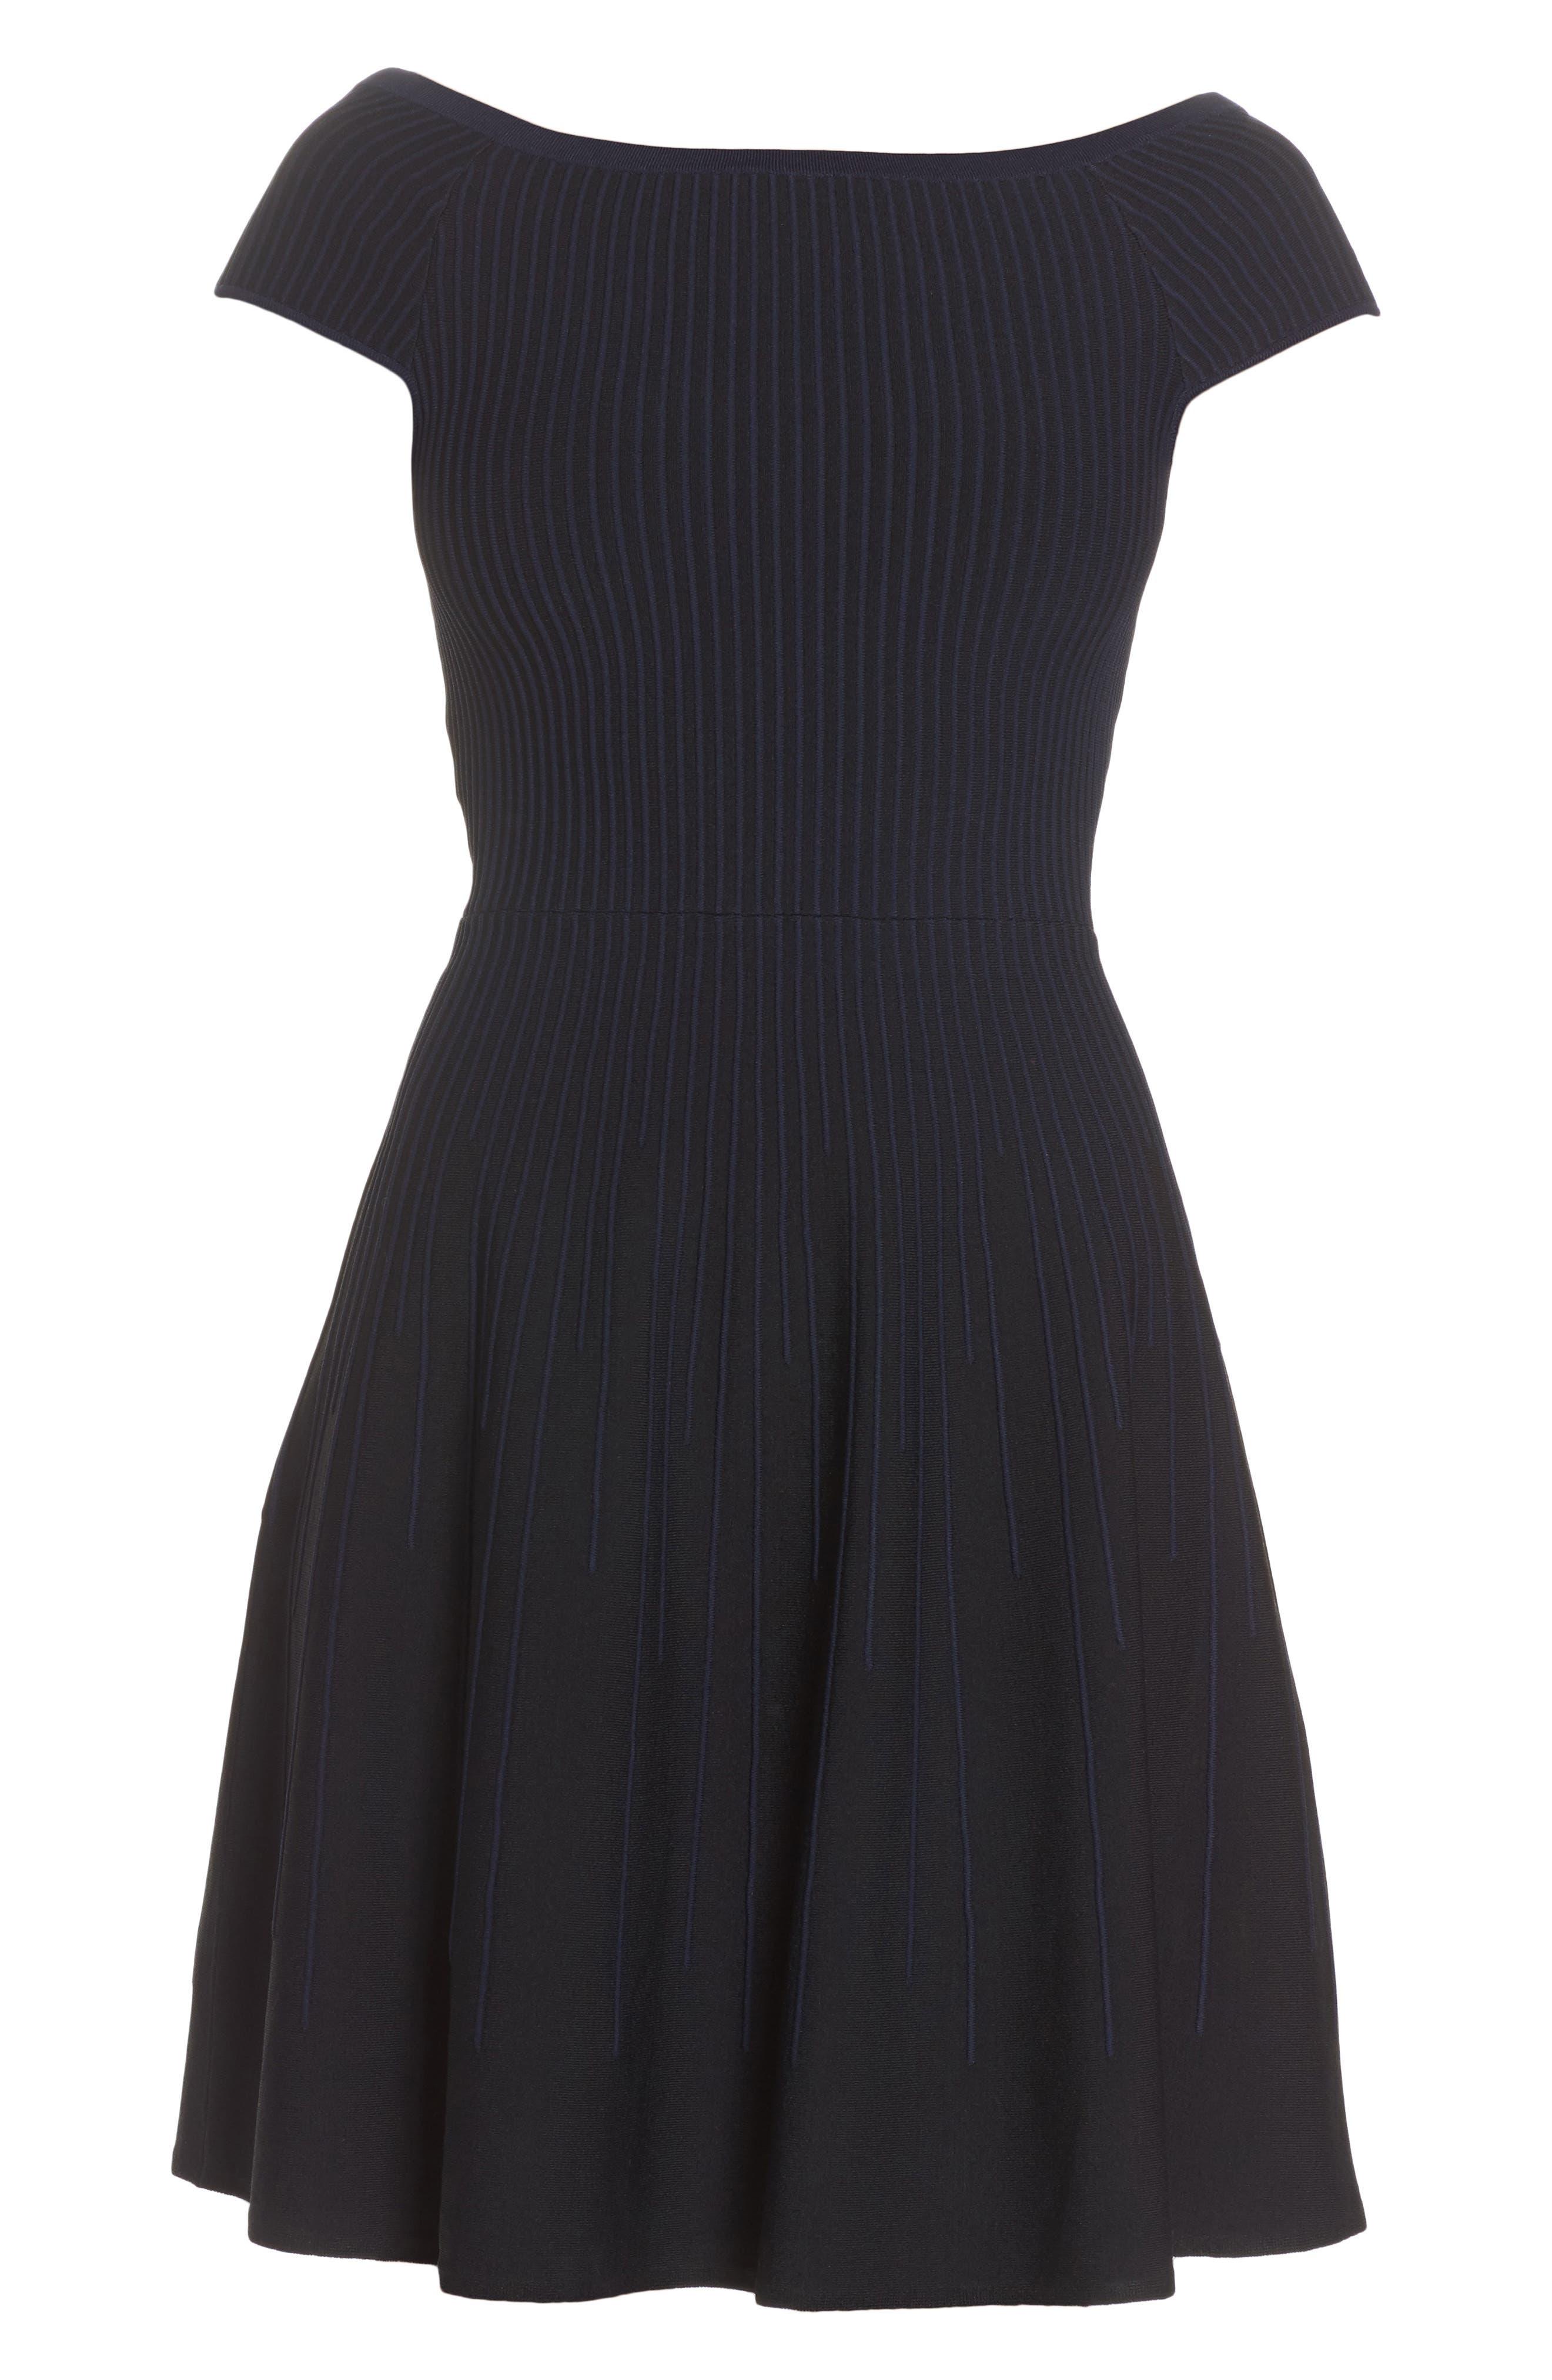 Olivia Off the Shoulder Dress,                             Alternate thumbnail 6, color,                             Black/ Nocturnal